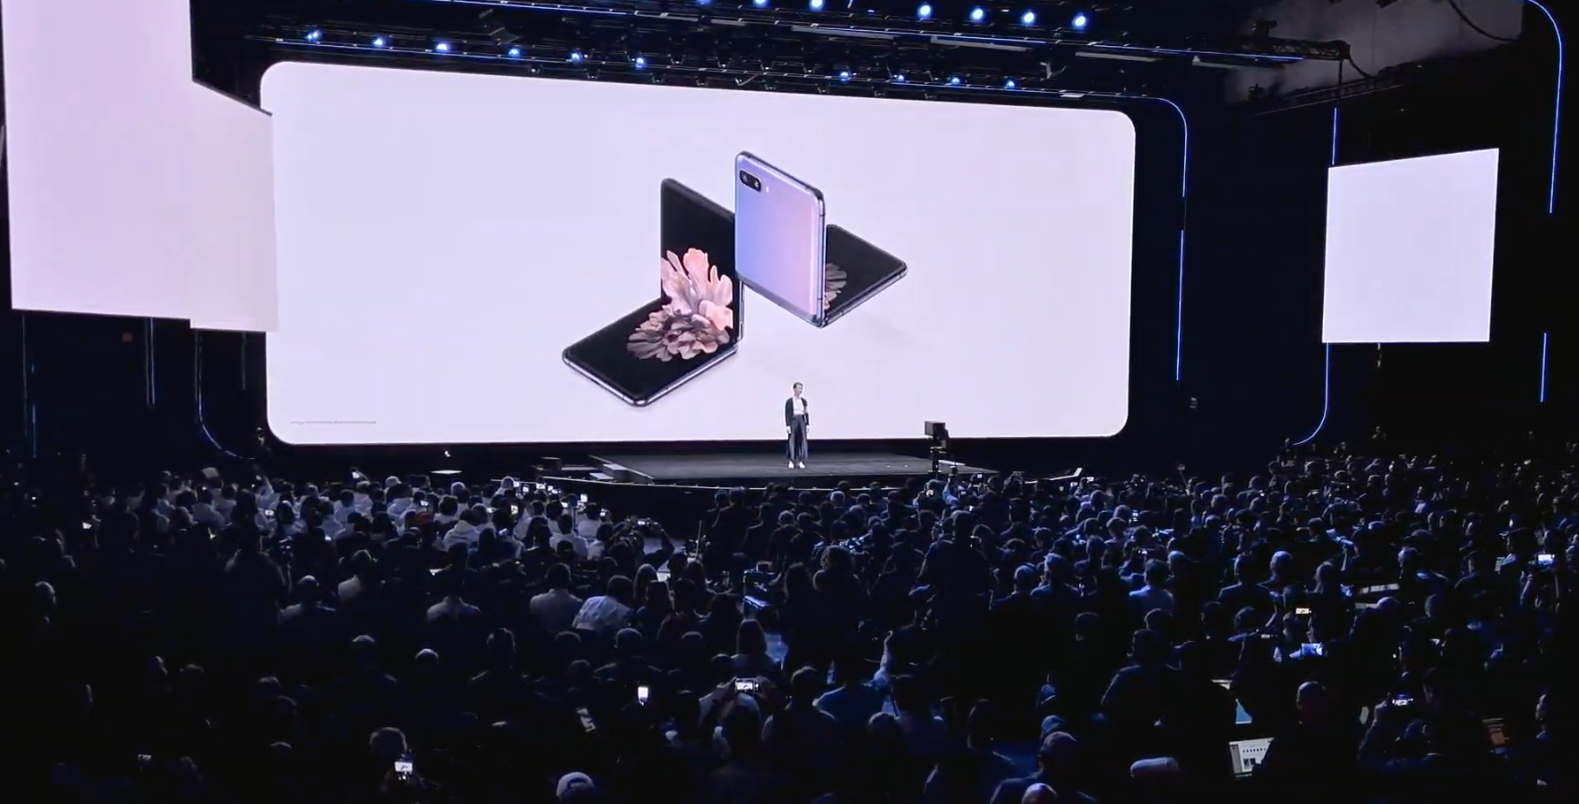 Samsung da otra oportunidad a los plegables con el Galaxy Z Flip - TechCrunch 2